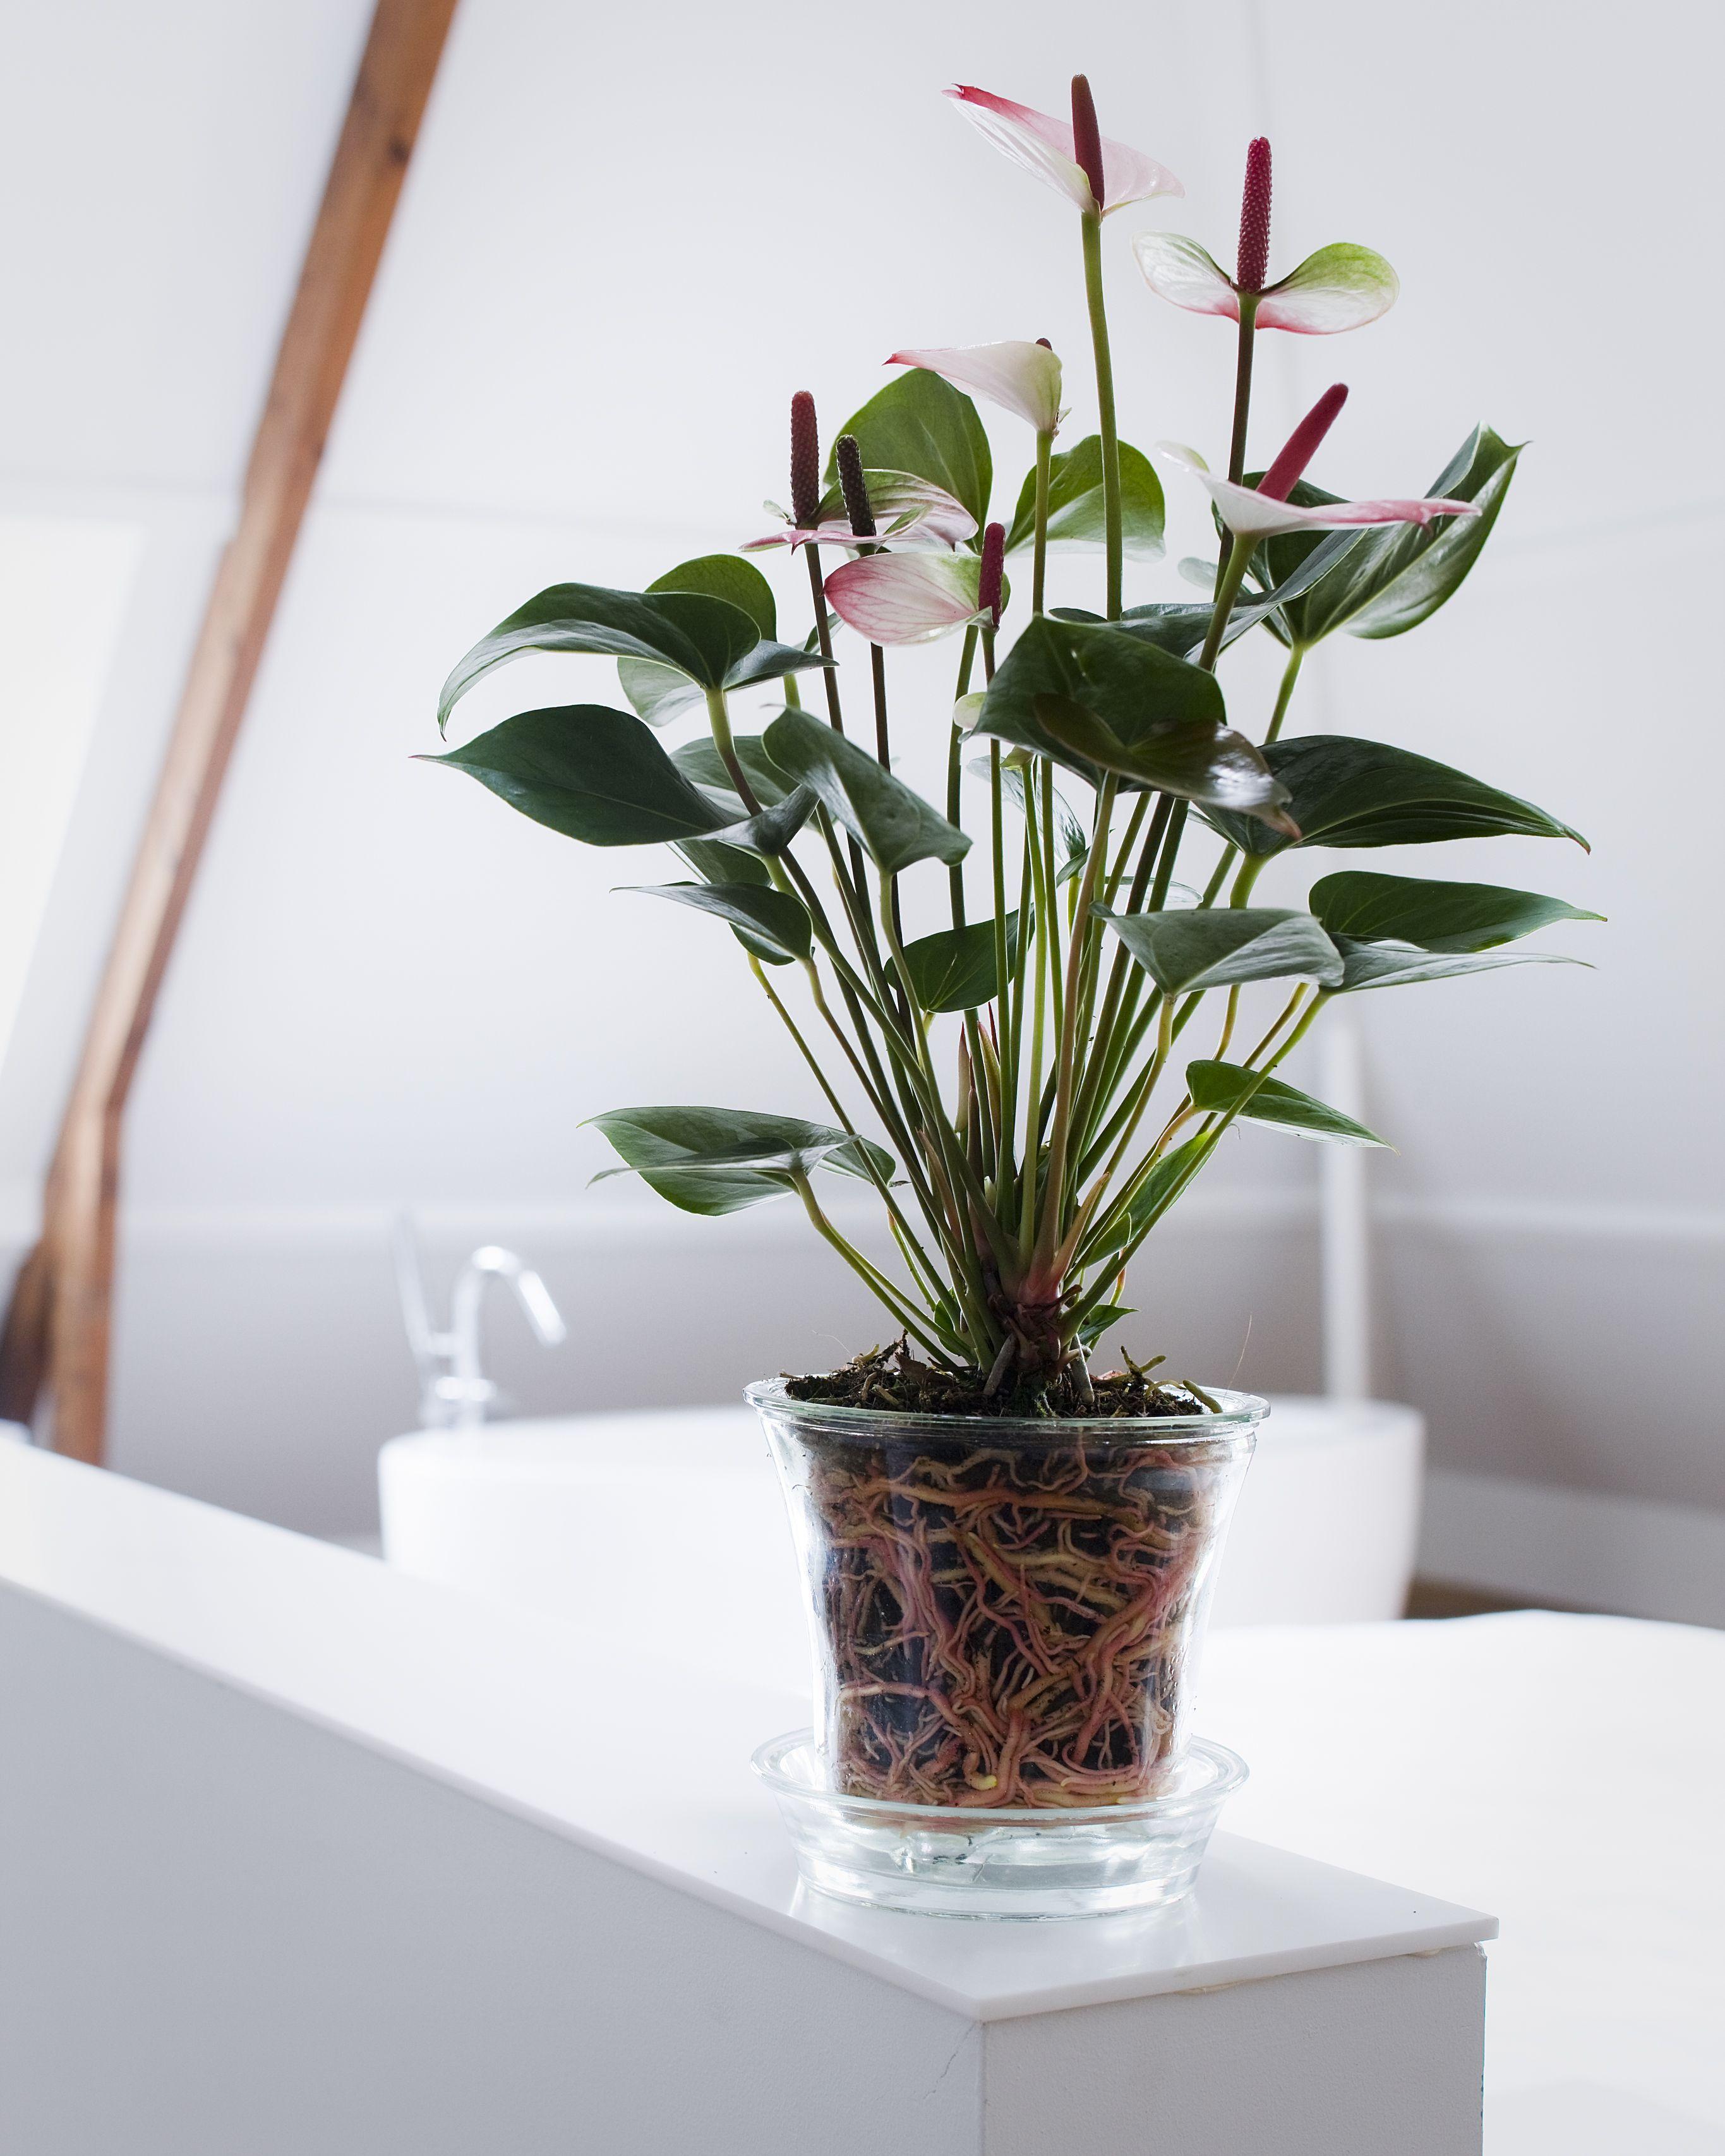 Anthurium Anthuriuminfo Anthurium Plants Hydroponic Plants